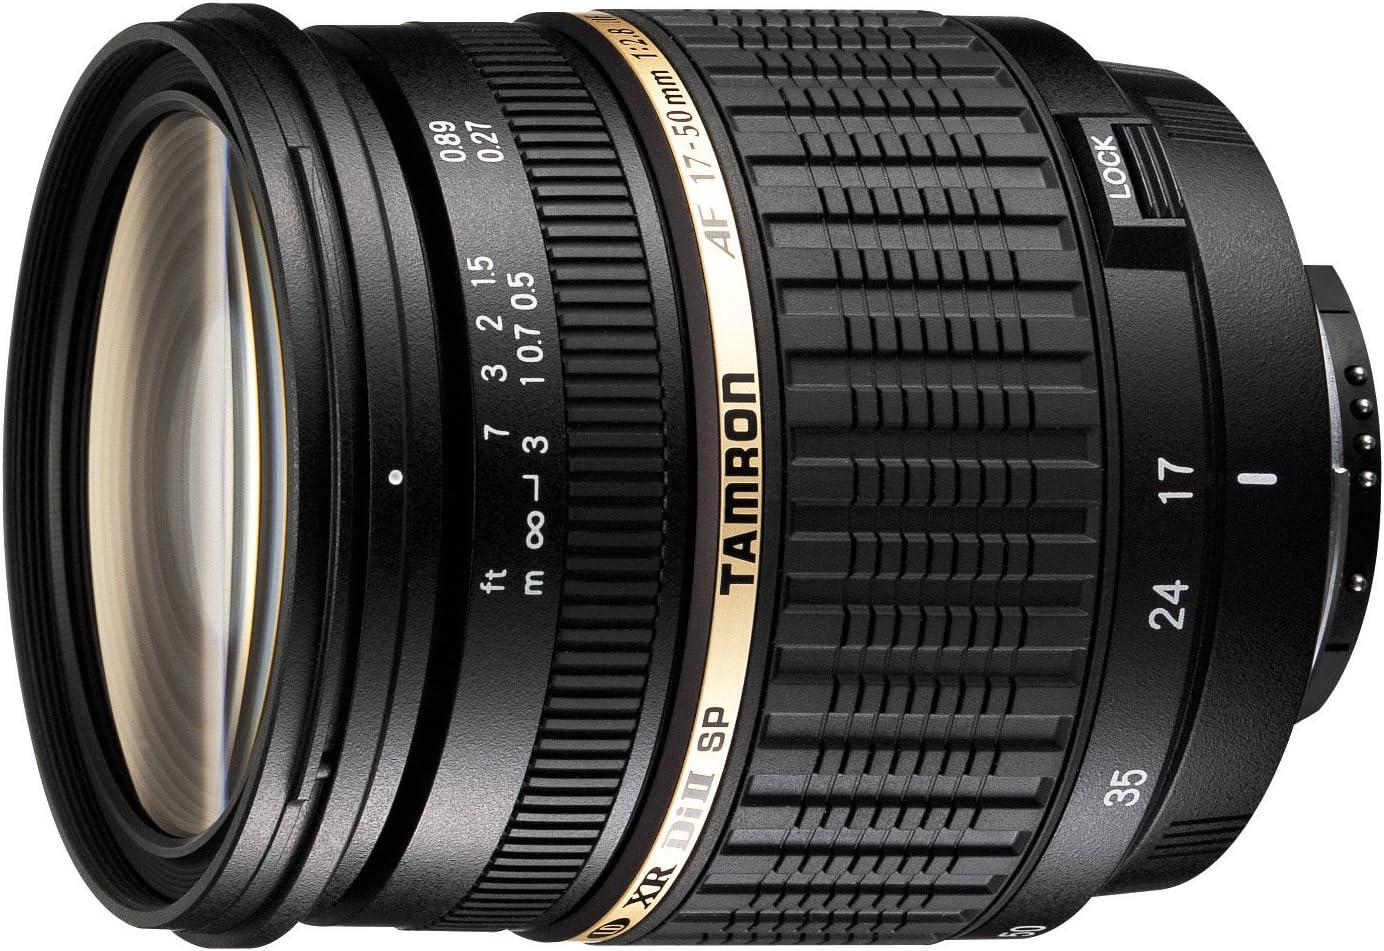 Tamron AF016P-700 SP AF17-50mm F/2.8 Di II LD Aspherical (IF) Lens with Hood for Pentax AF Cameras (Black) (Model A16P)